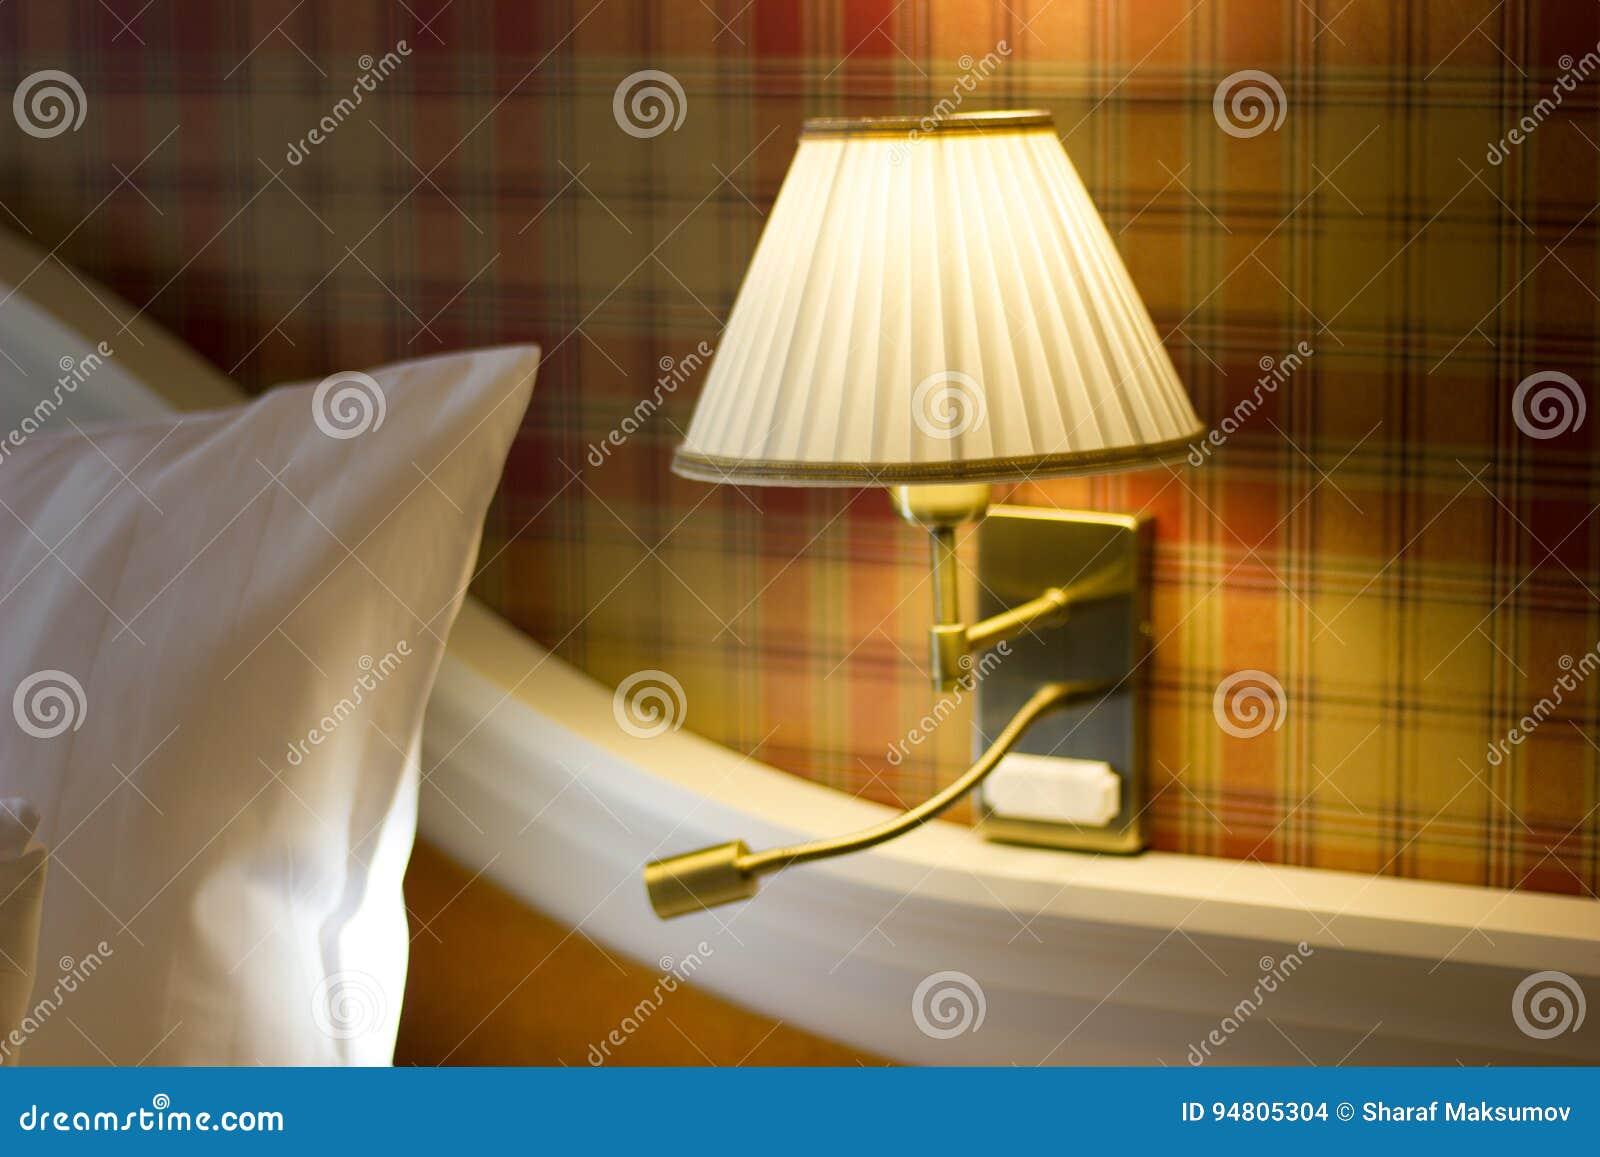 Lampada Da Parete In Camera Da Letto Fotografia Stock Immagine Di